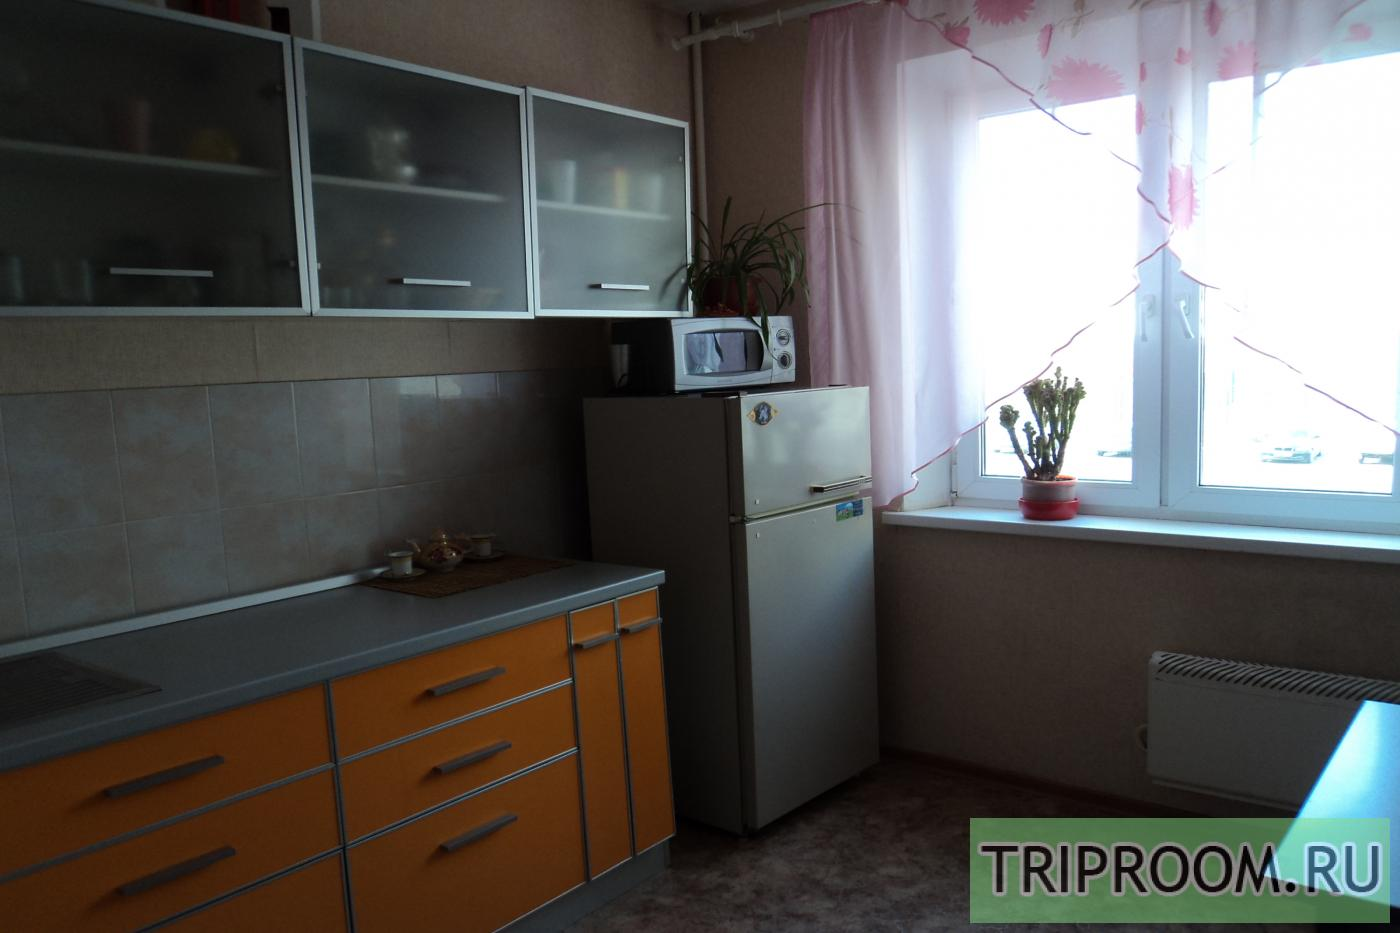 1-комнатная квартира посуточно (вариант № 9346), ул. Братьев Кашириных улица, фото № 2